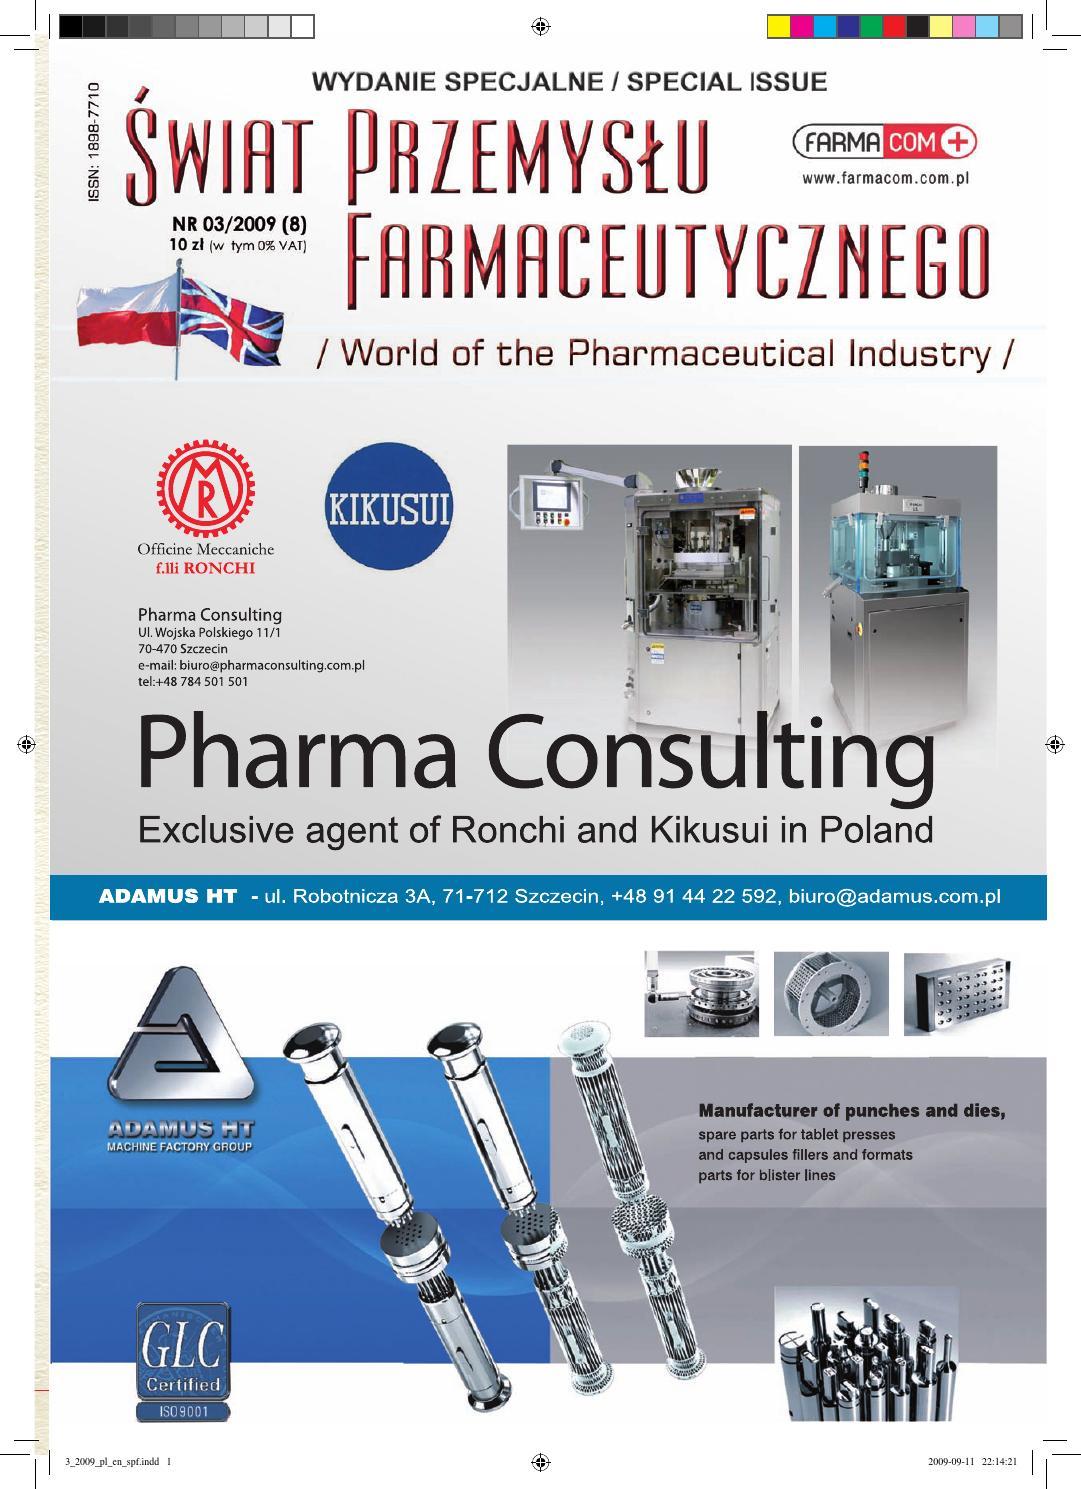 Świat Przemysłu Farmaceutycznego 3/2009 EN by Świat Przemysłu  Farmaceutycznego - issuu